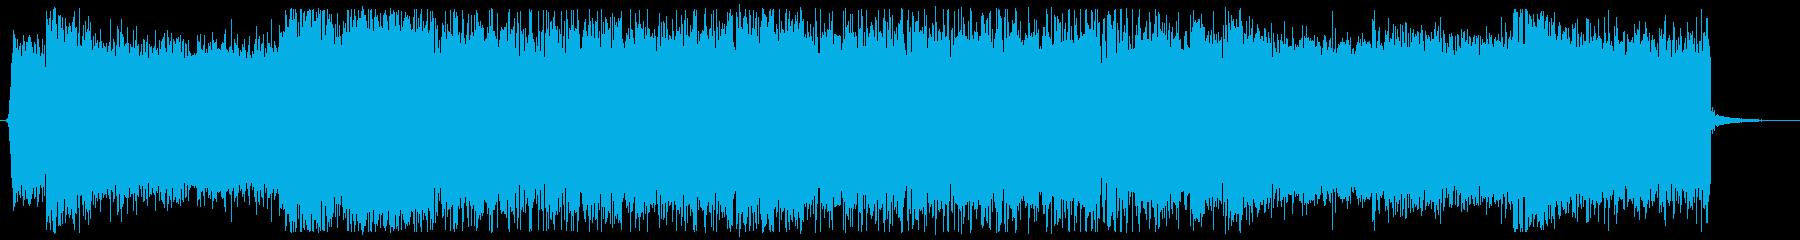 高音質!メタルパンクなジングル 出囃子の再生済みの波形